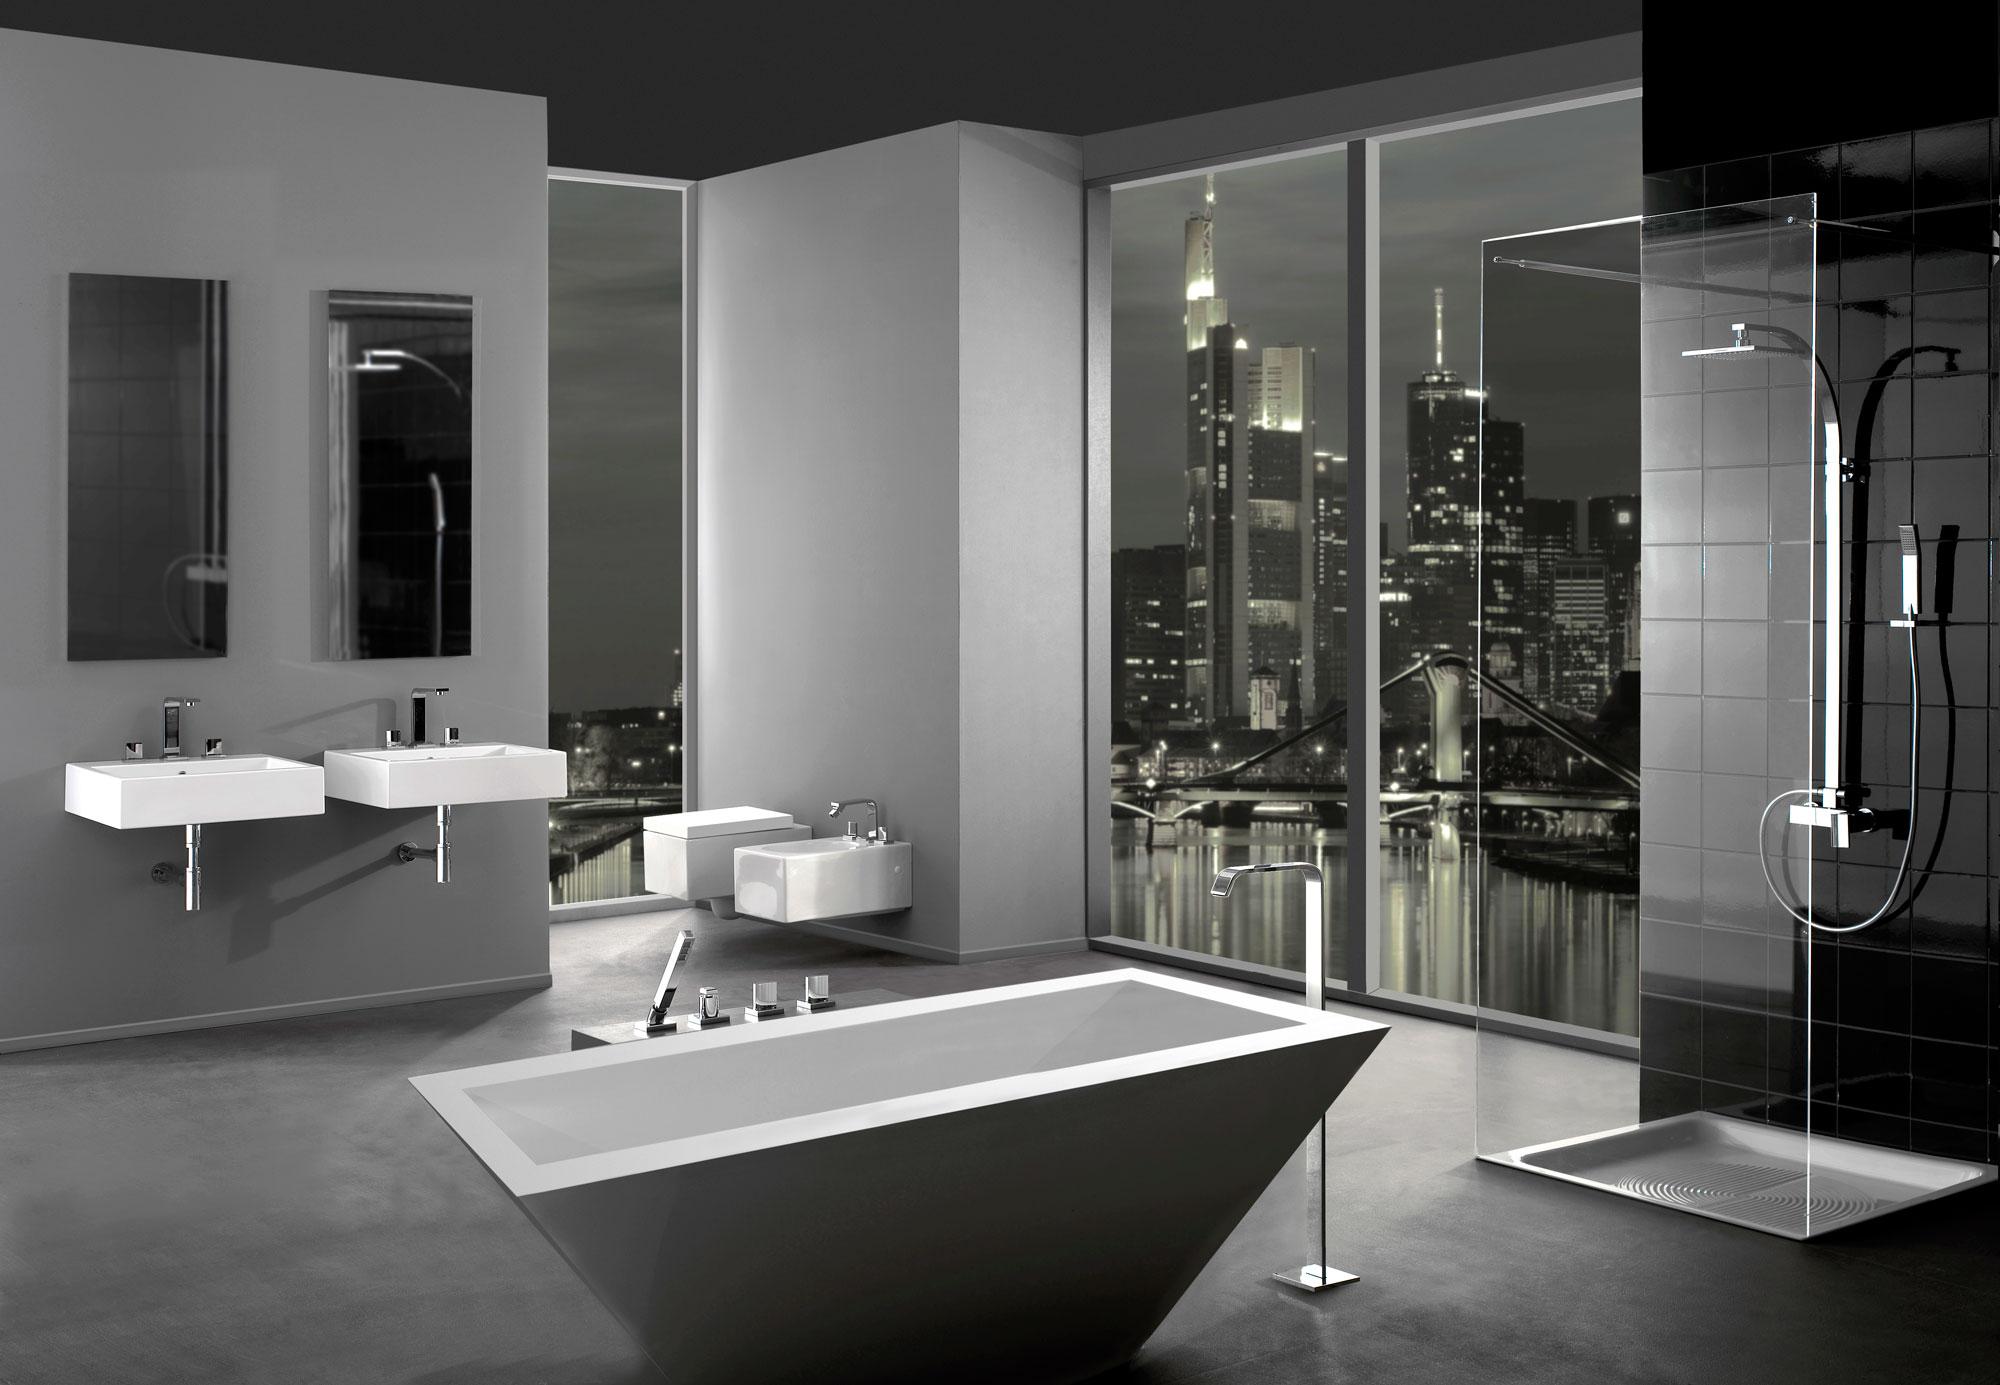 hochwertige armaturen f r dusche wanne waschtisch und k che. Black Bedroom Furniture Sets. Home Design Ideas